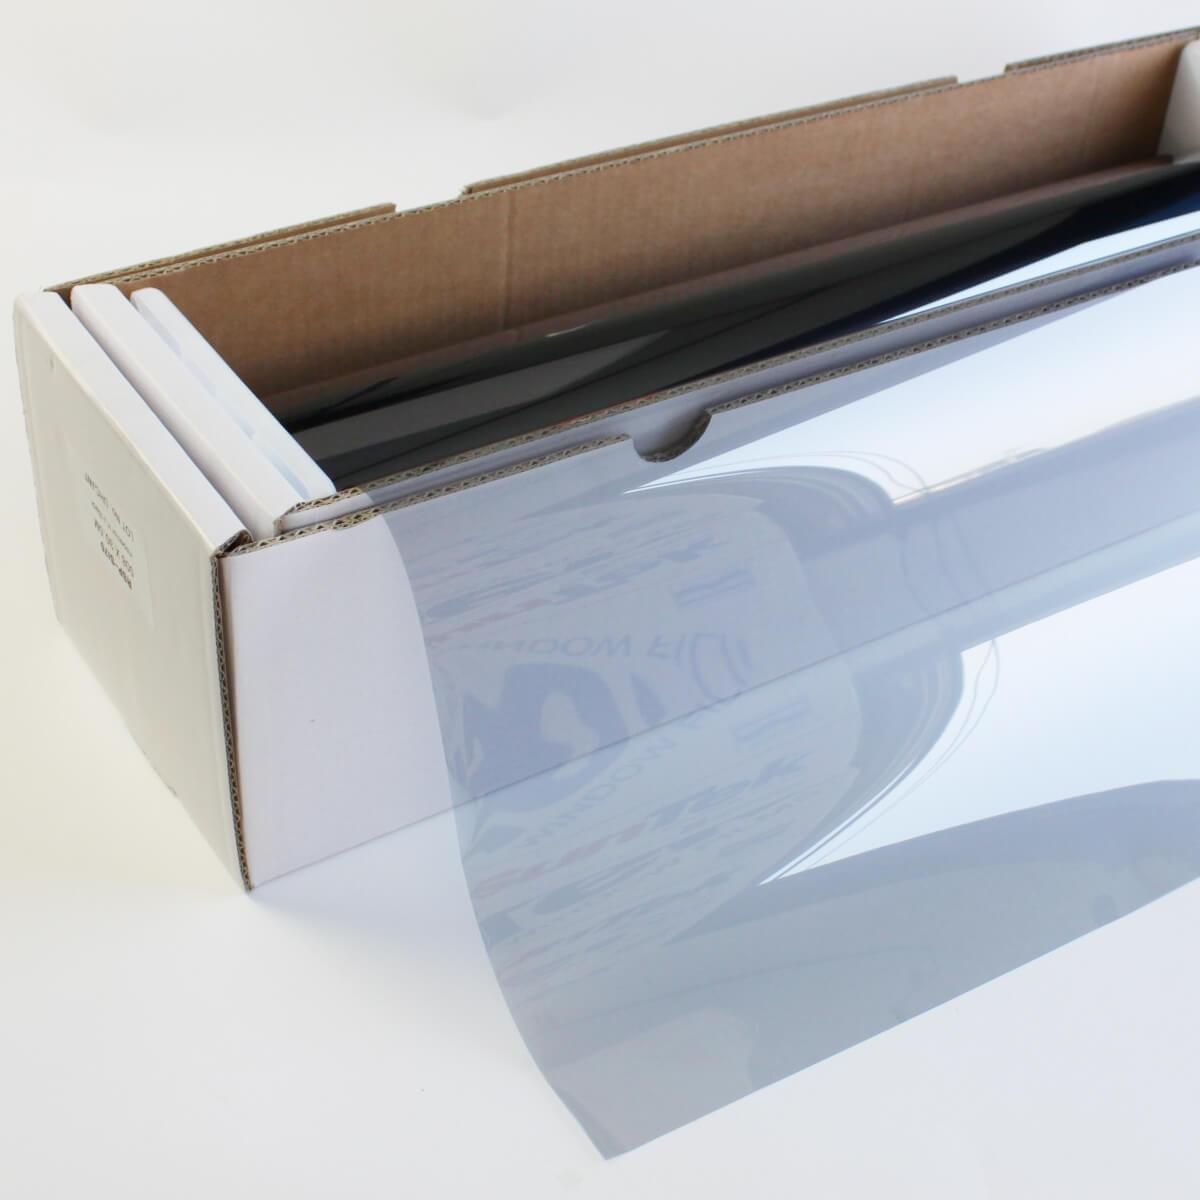 ウィンドウフィルム 窓ガラスフィルムスパッタシルバー70 1.5m幅×30mロール箱売 遮熱フィルム 断熱フィルム UVカットフィルム ブレインテック Braintec